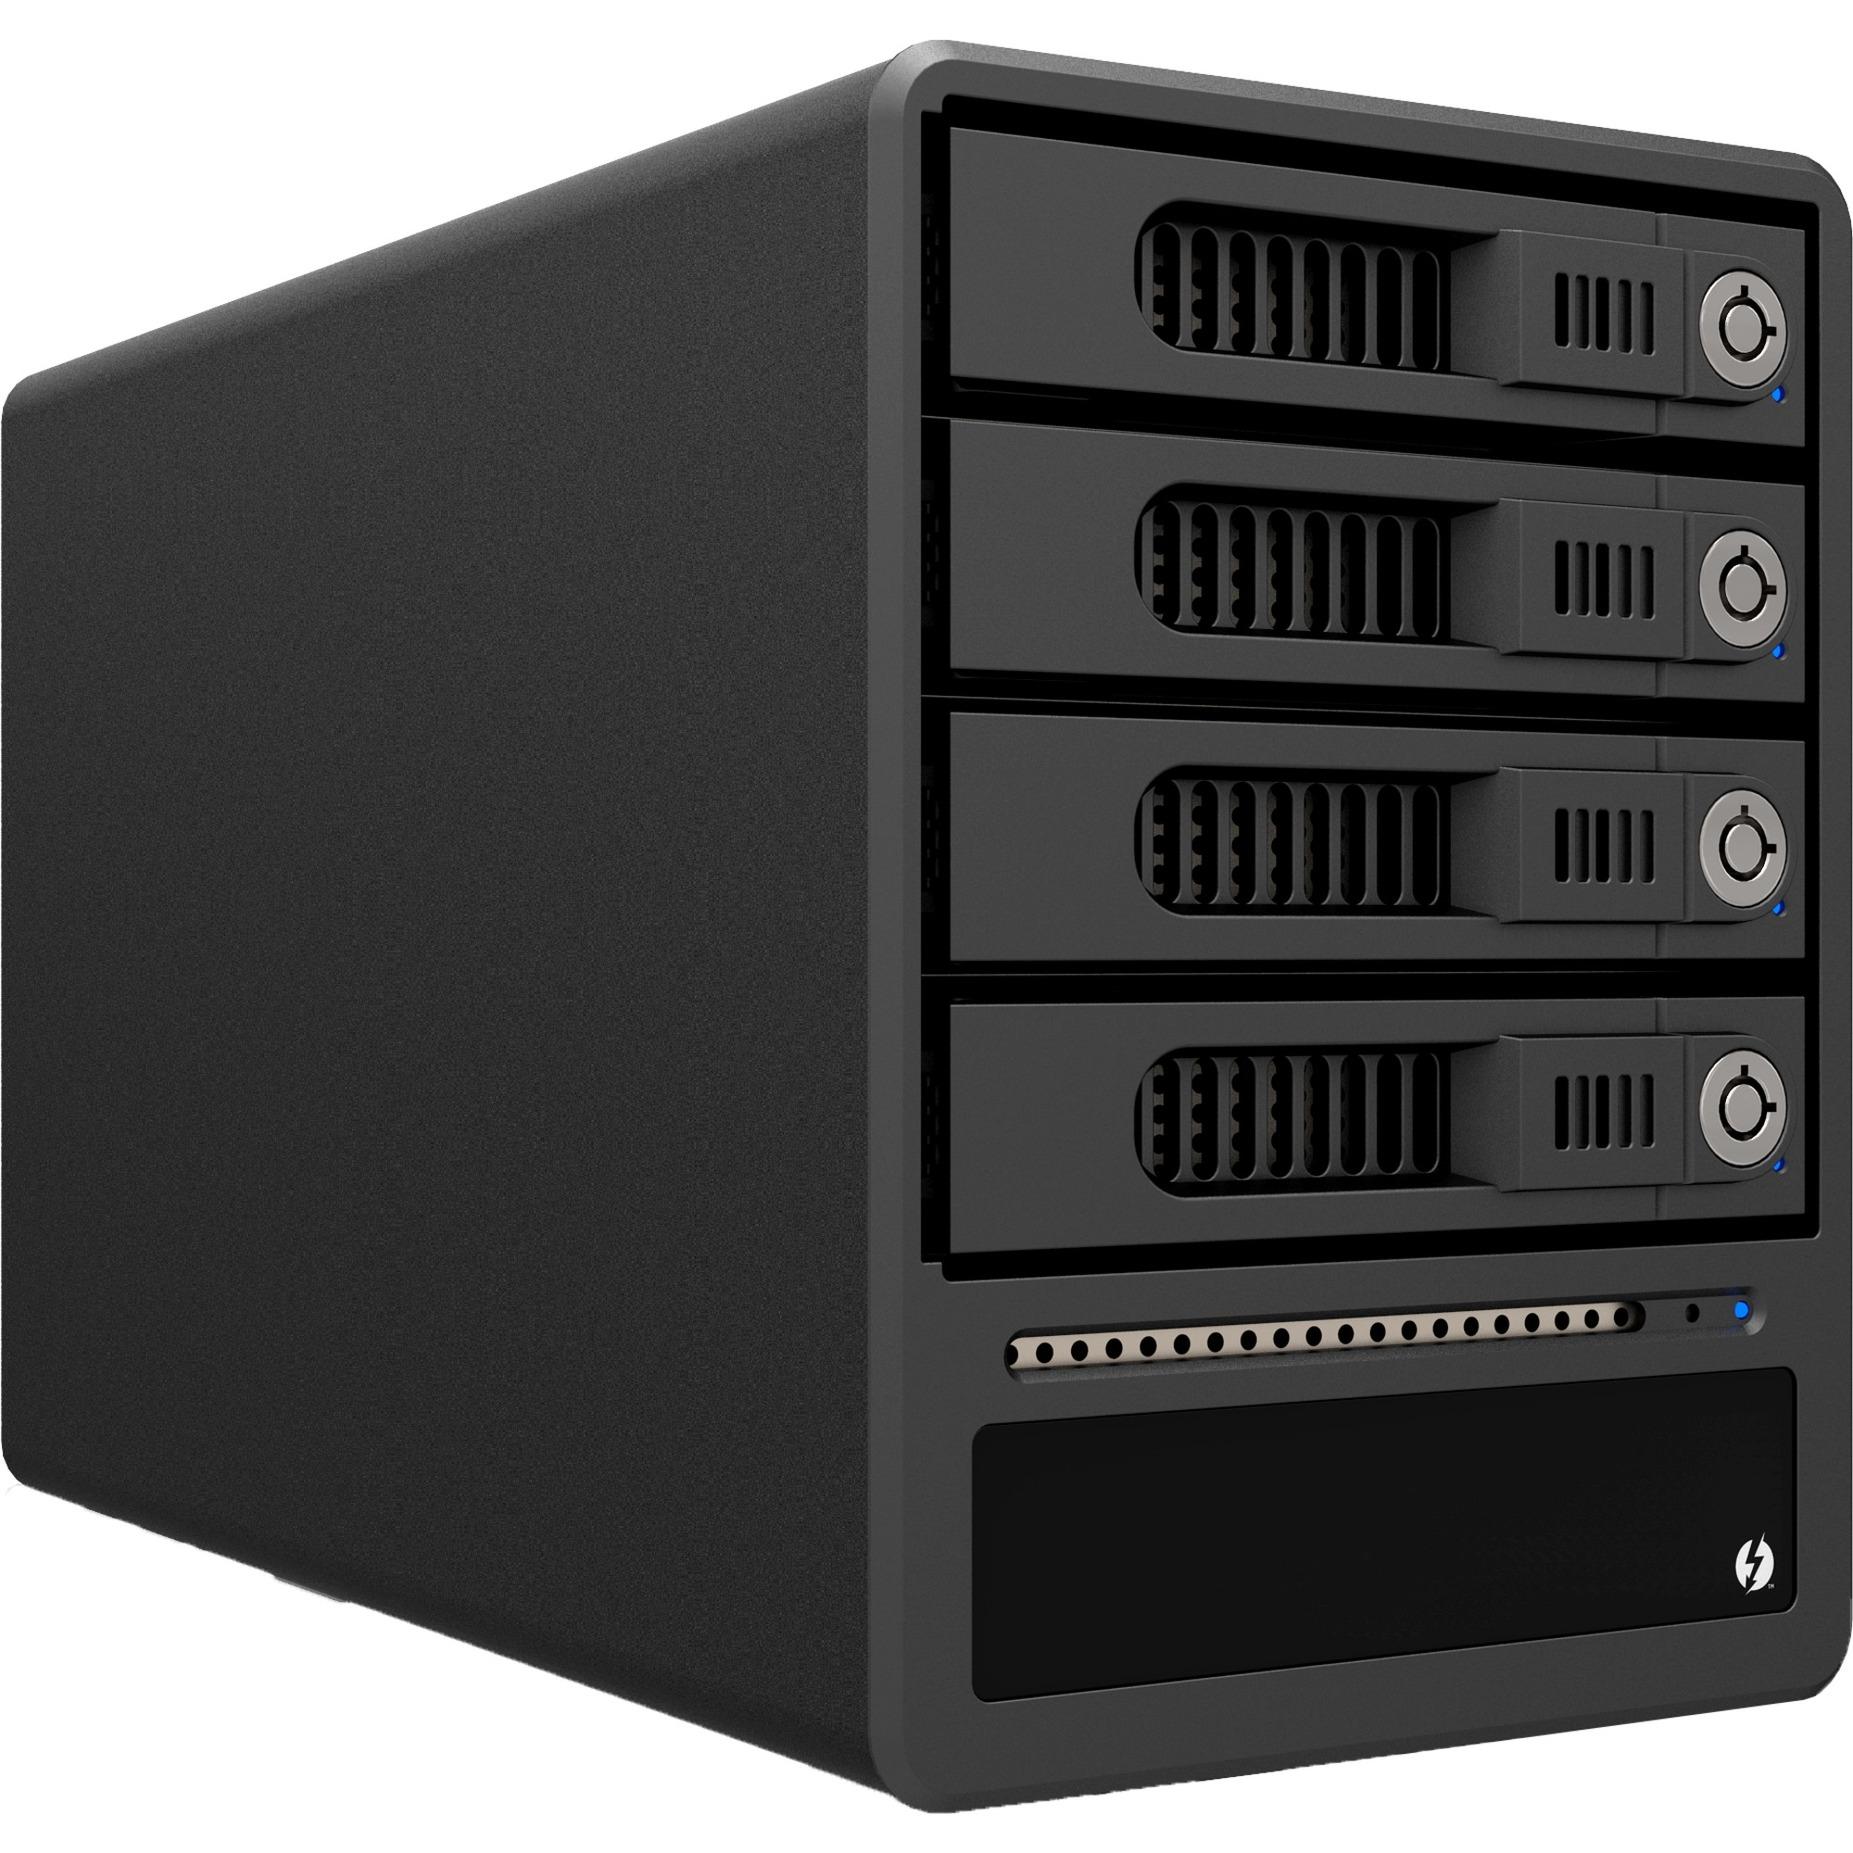 """GT4670-TB Carcasa de disco duro/SSD 2.5/3.5"""" Negro, Caja de unidades"""